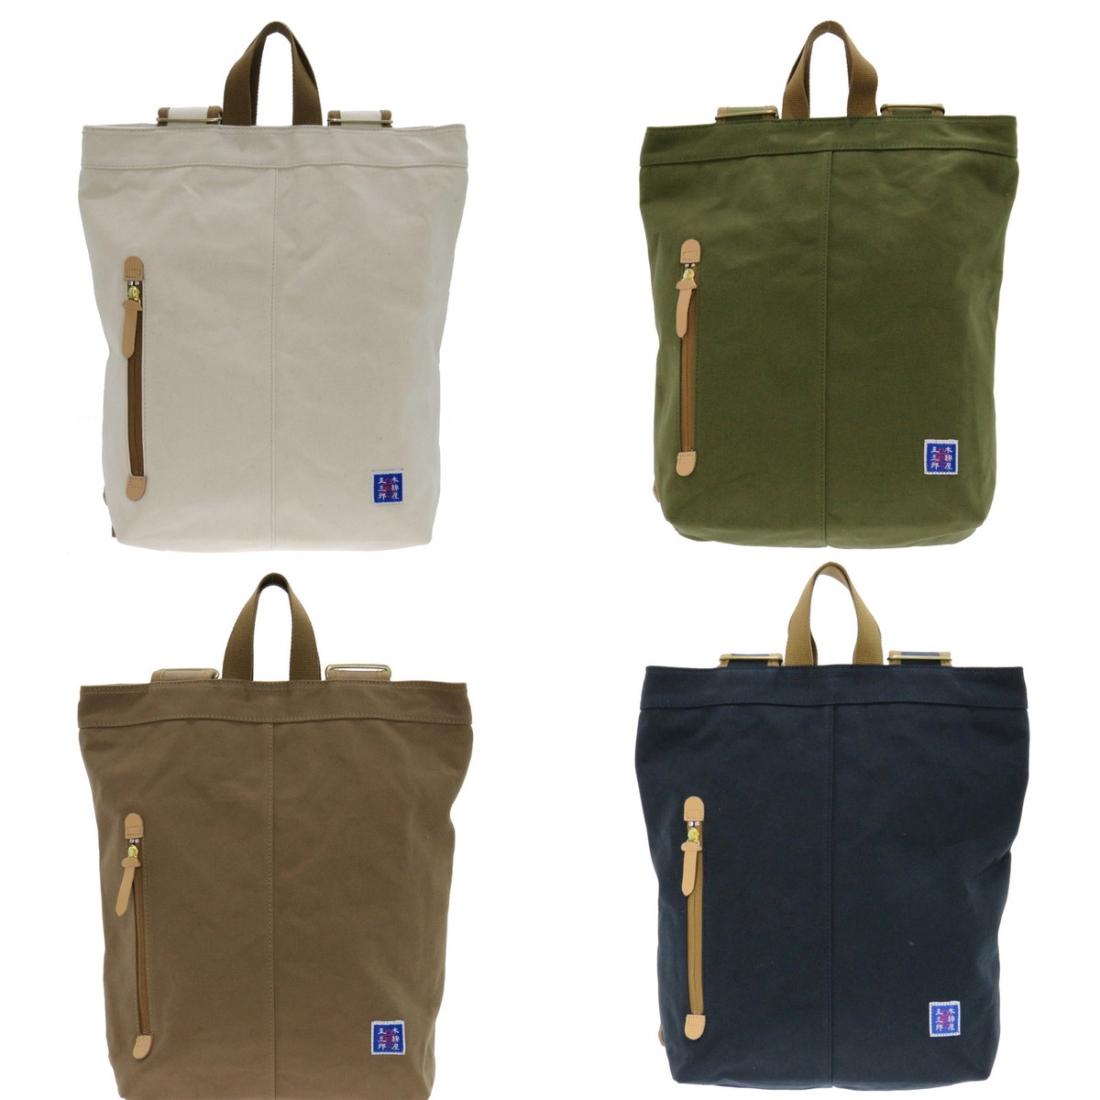 おしゃれ デザイン リュック 旅行用 リュックサック 日本 鞄リュック 旅行用 リュックサック 生成り